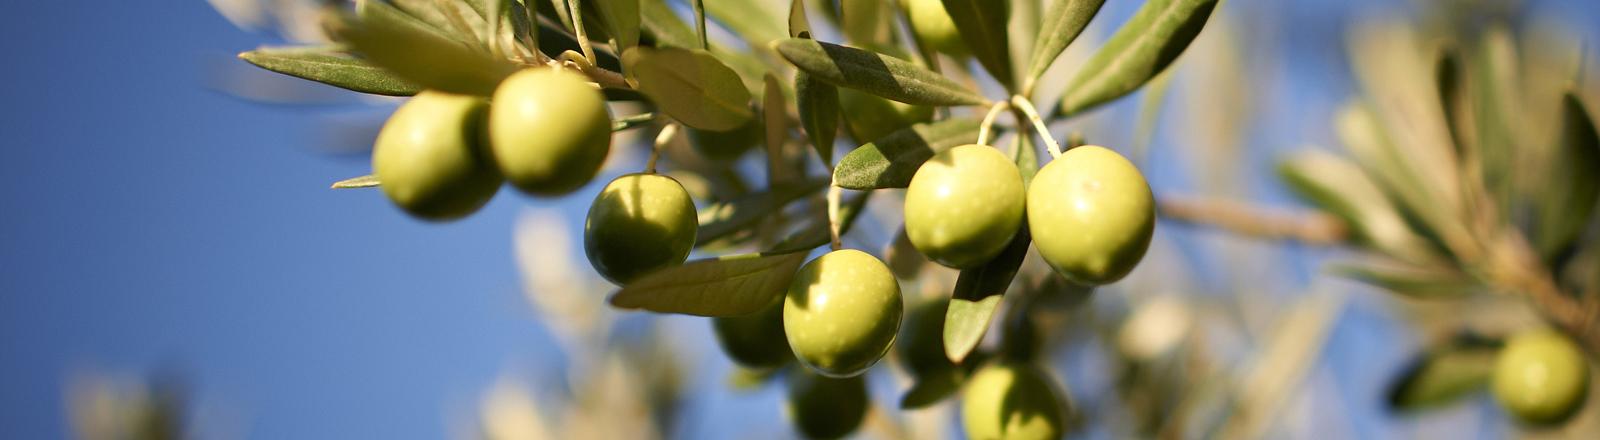 Olivenbaum - Zweig vor blauem Himmel